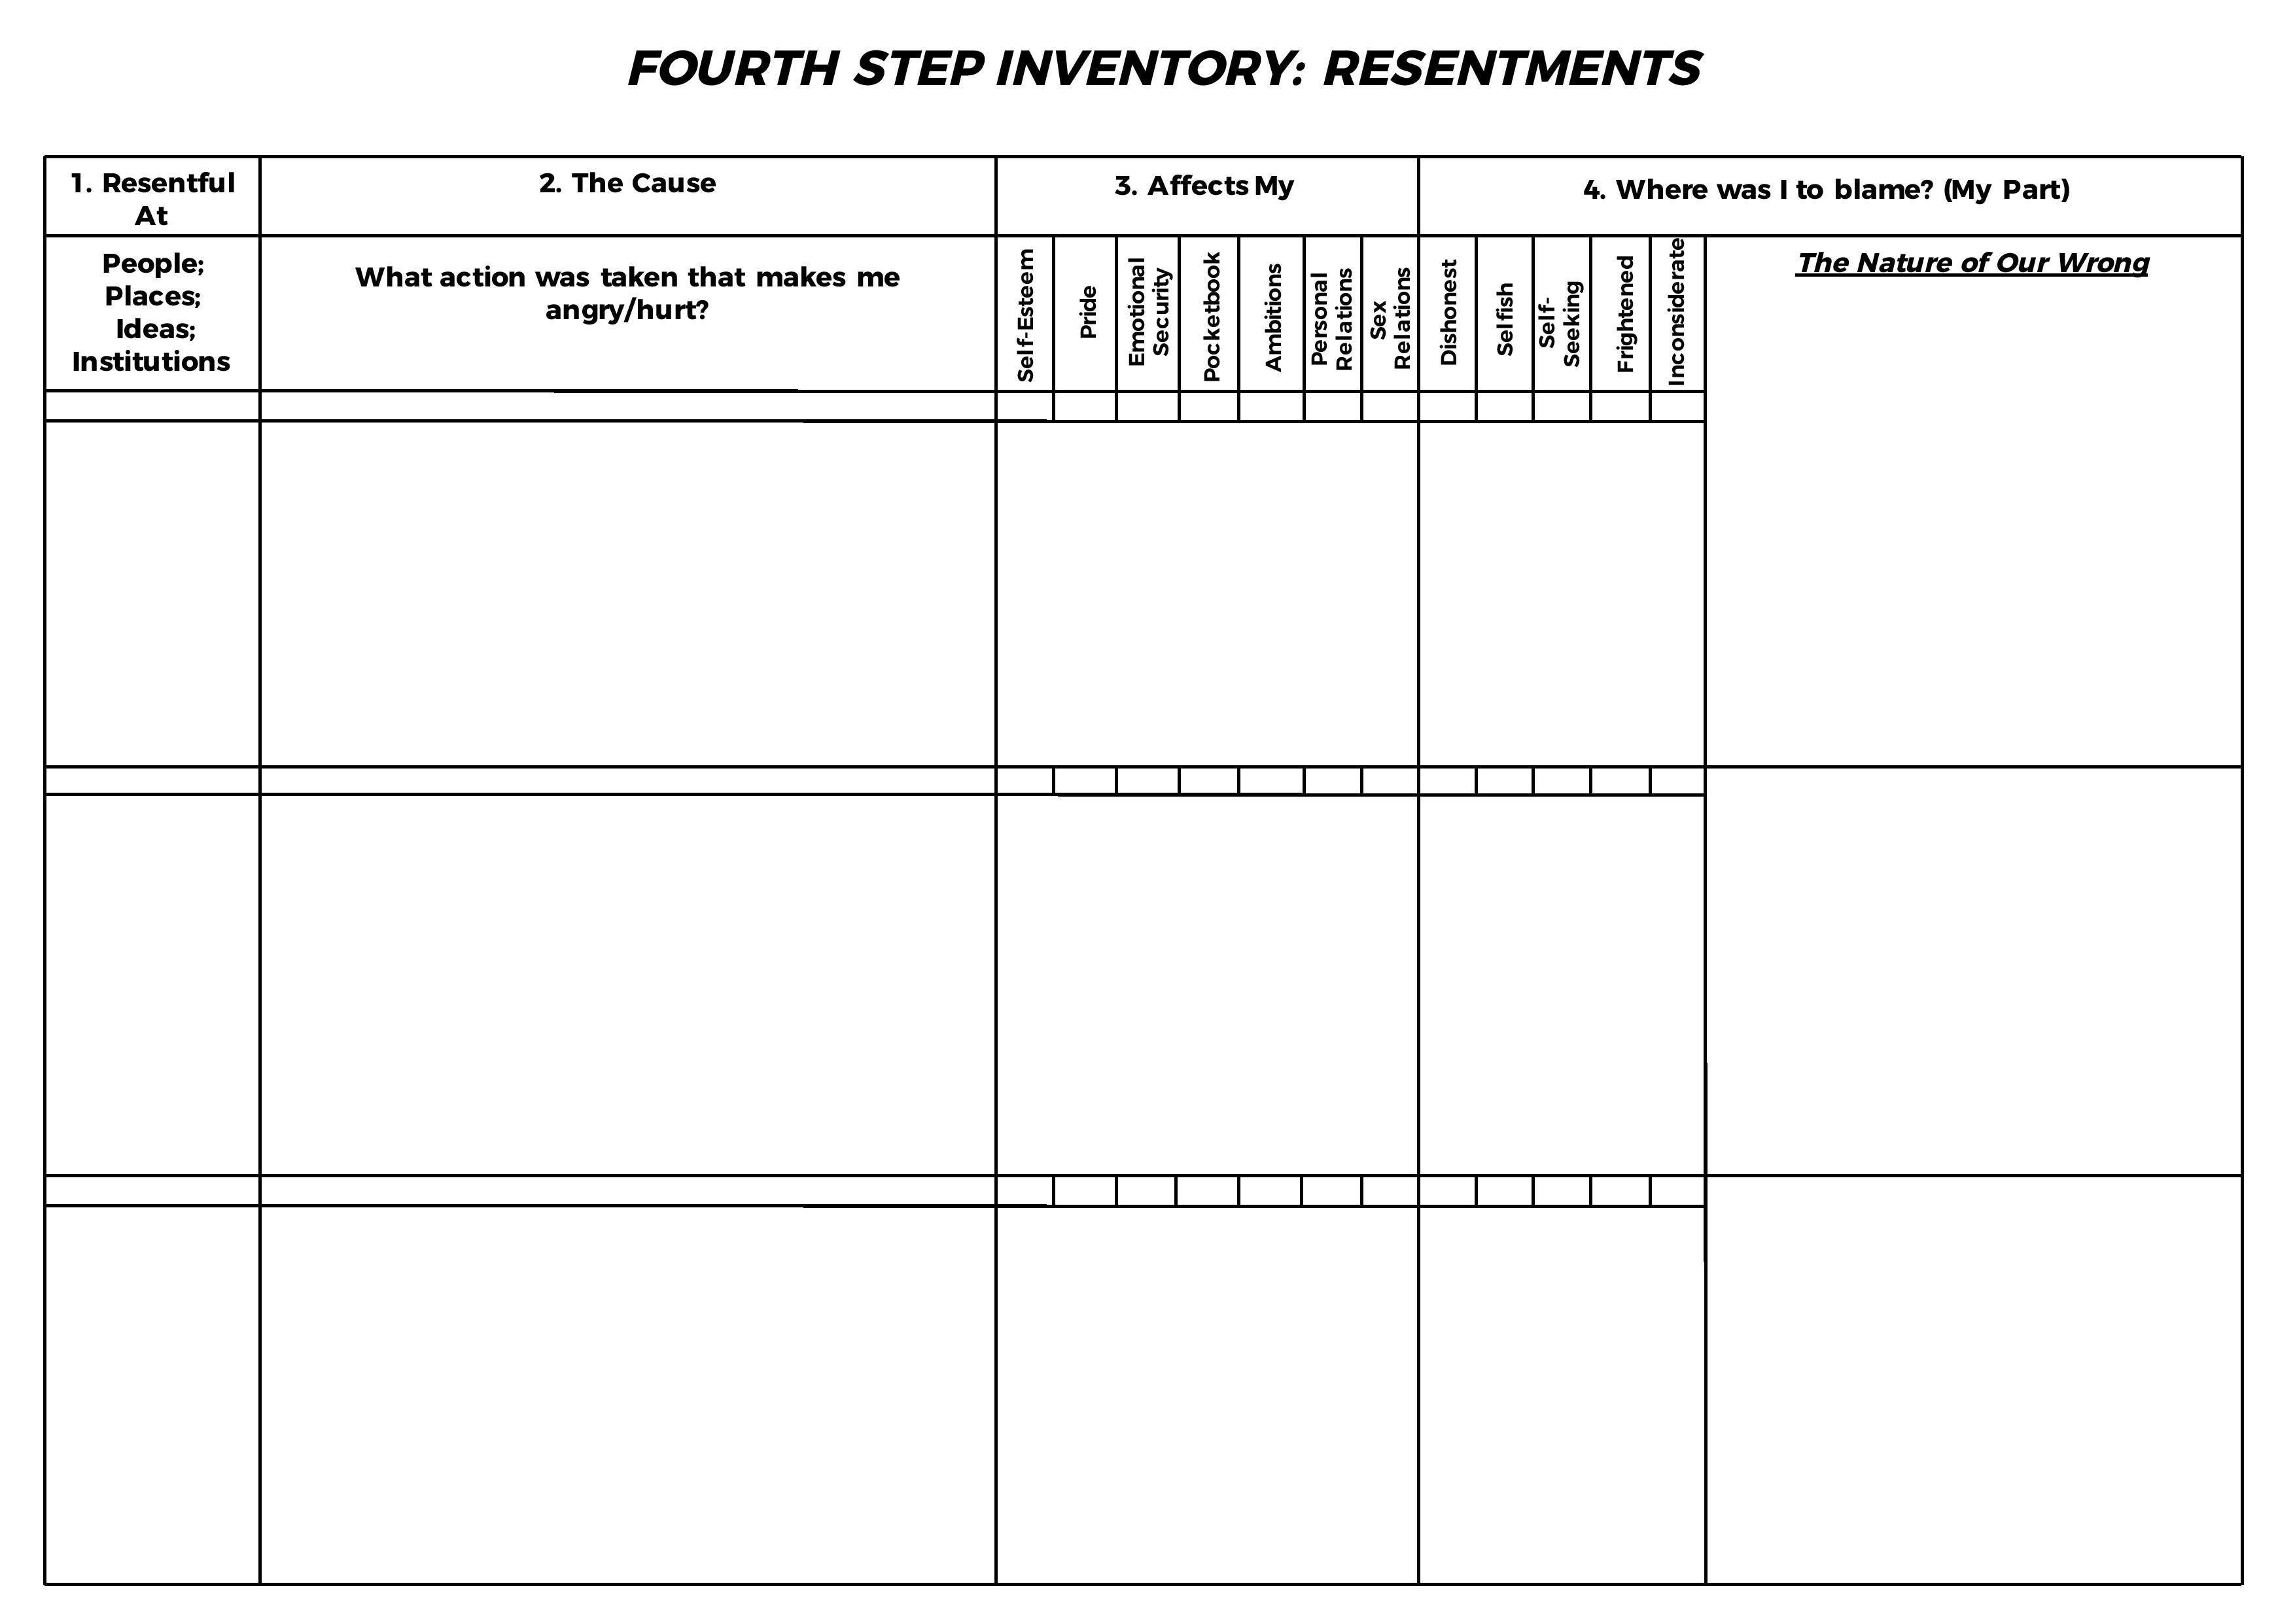 Hazelden 4Th Step Worksheet Reading Worksheets English Worksheets Throughout Hazelden 4Th Step Worksheet